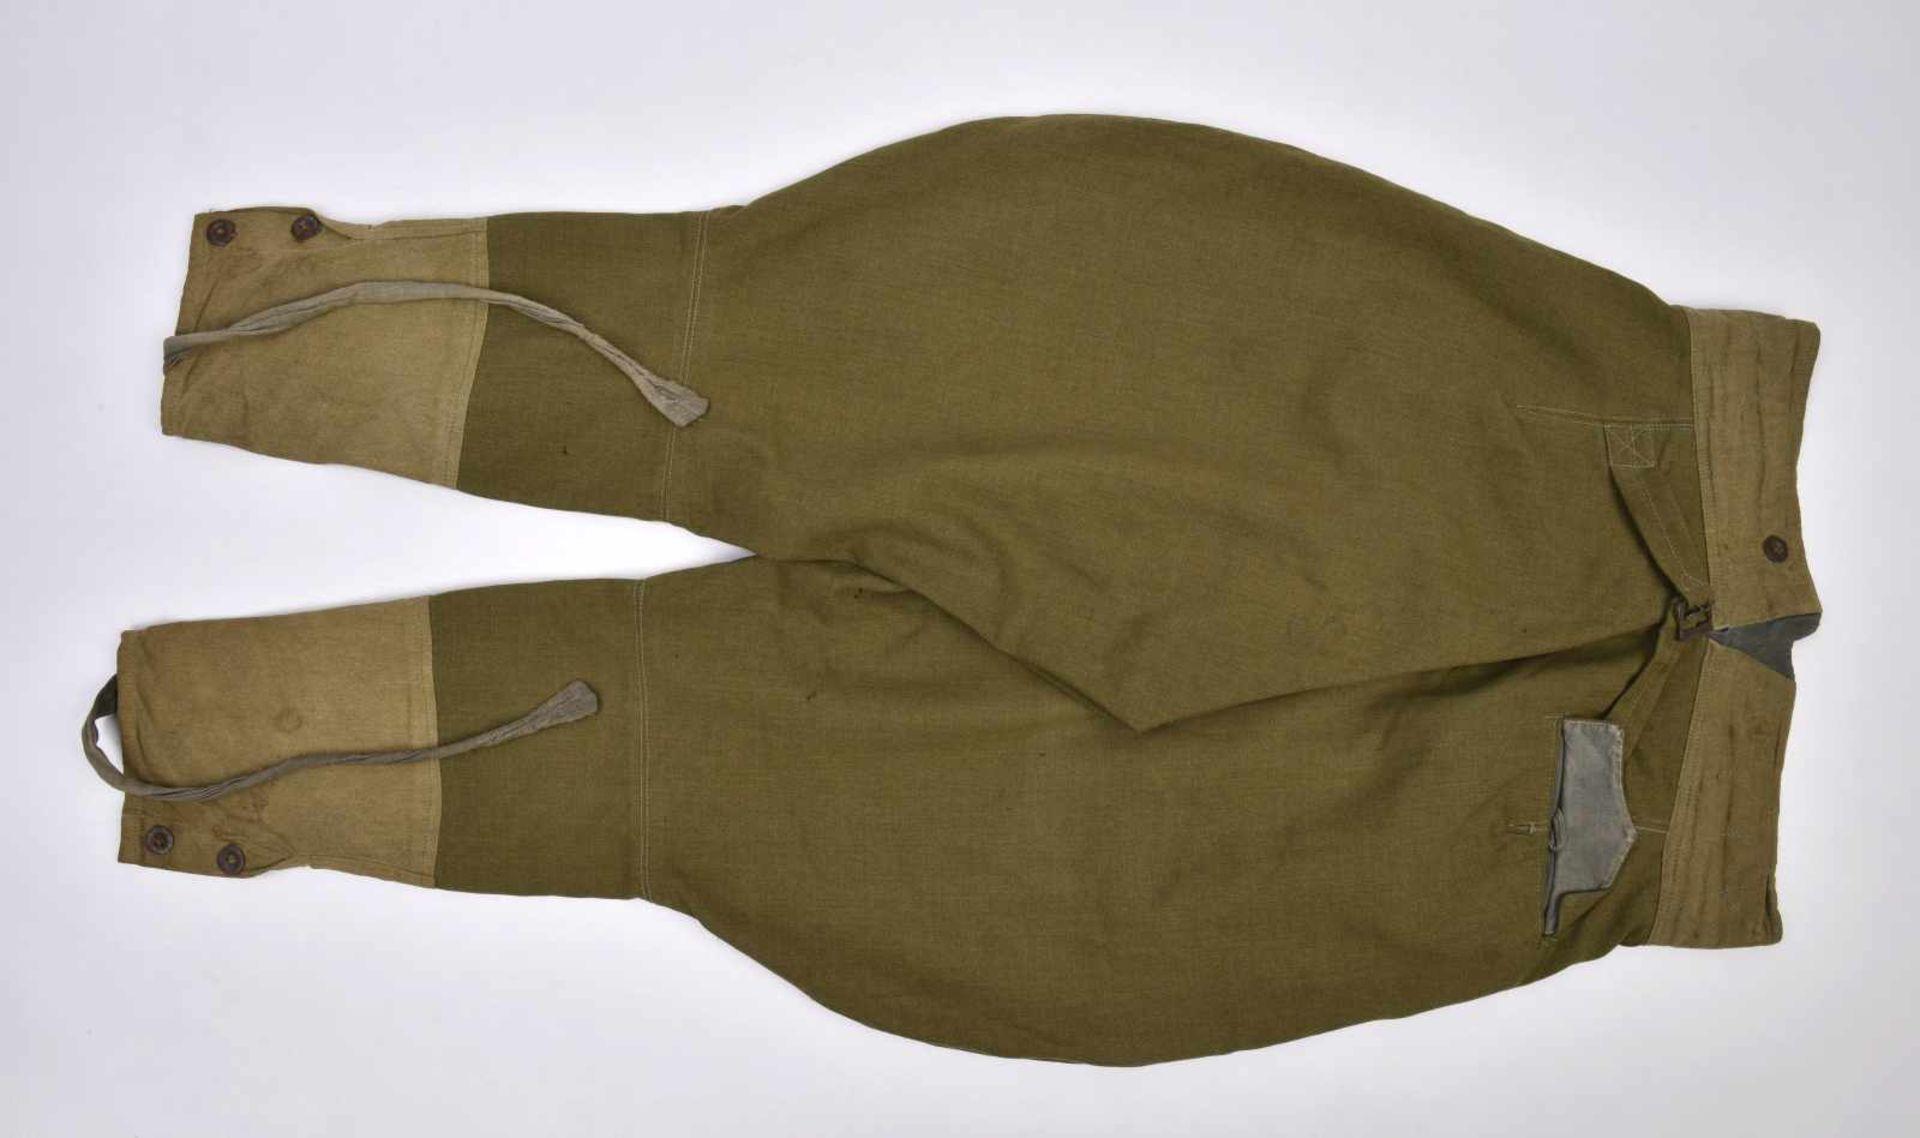 Culotte troupe M.35 en drap lend-lease Bonne taille, quelques petits accrocs. M.35 trousers in the - Bild 4 aus 4